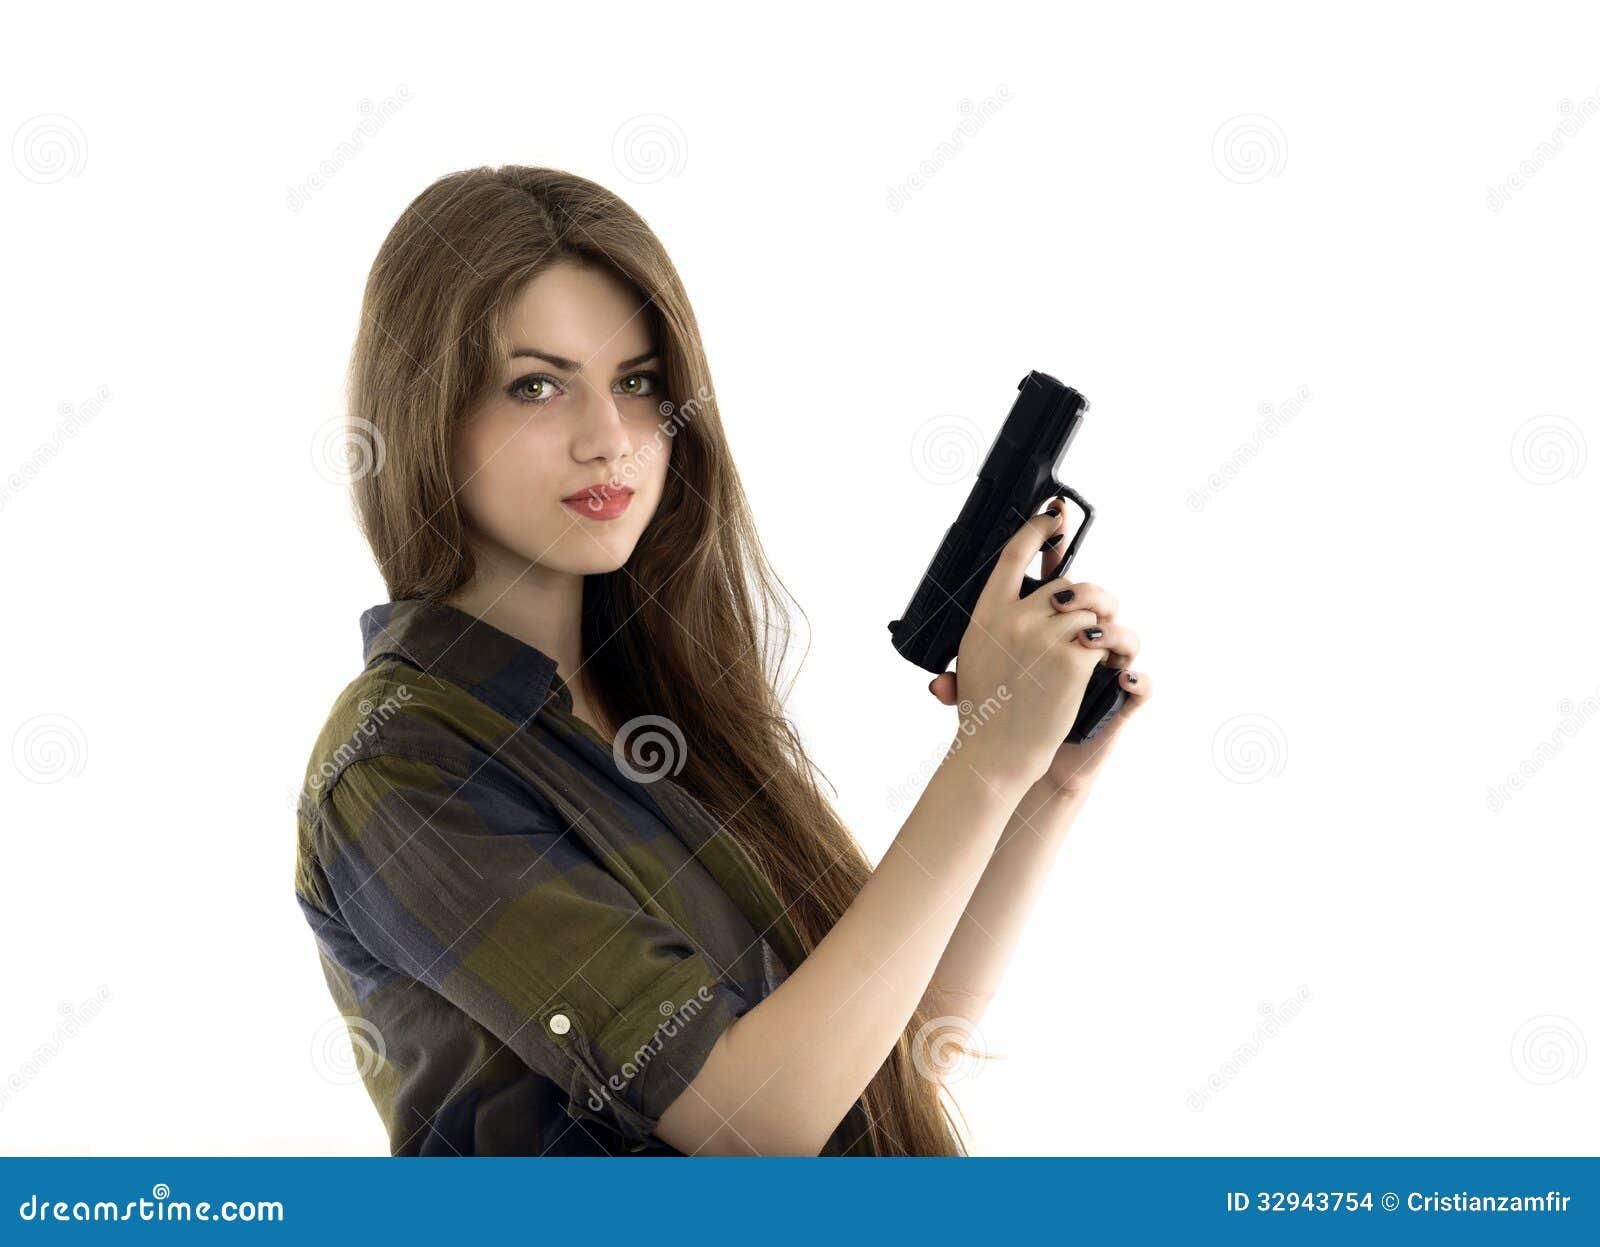 mulher-bonita-que-guardara-uma-arma-no-fundo-branco-32943754.jpg